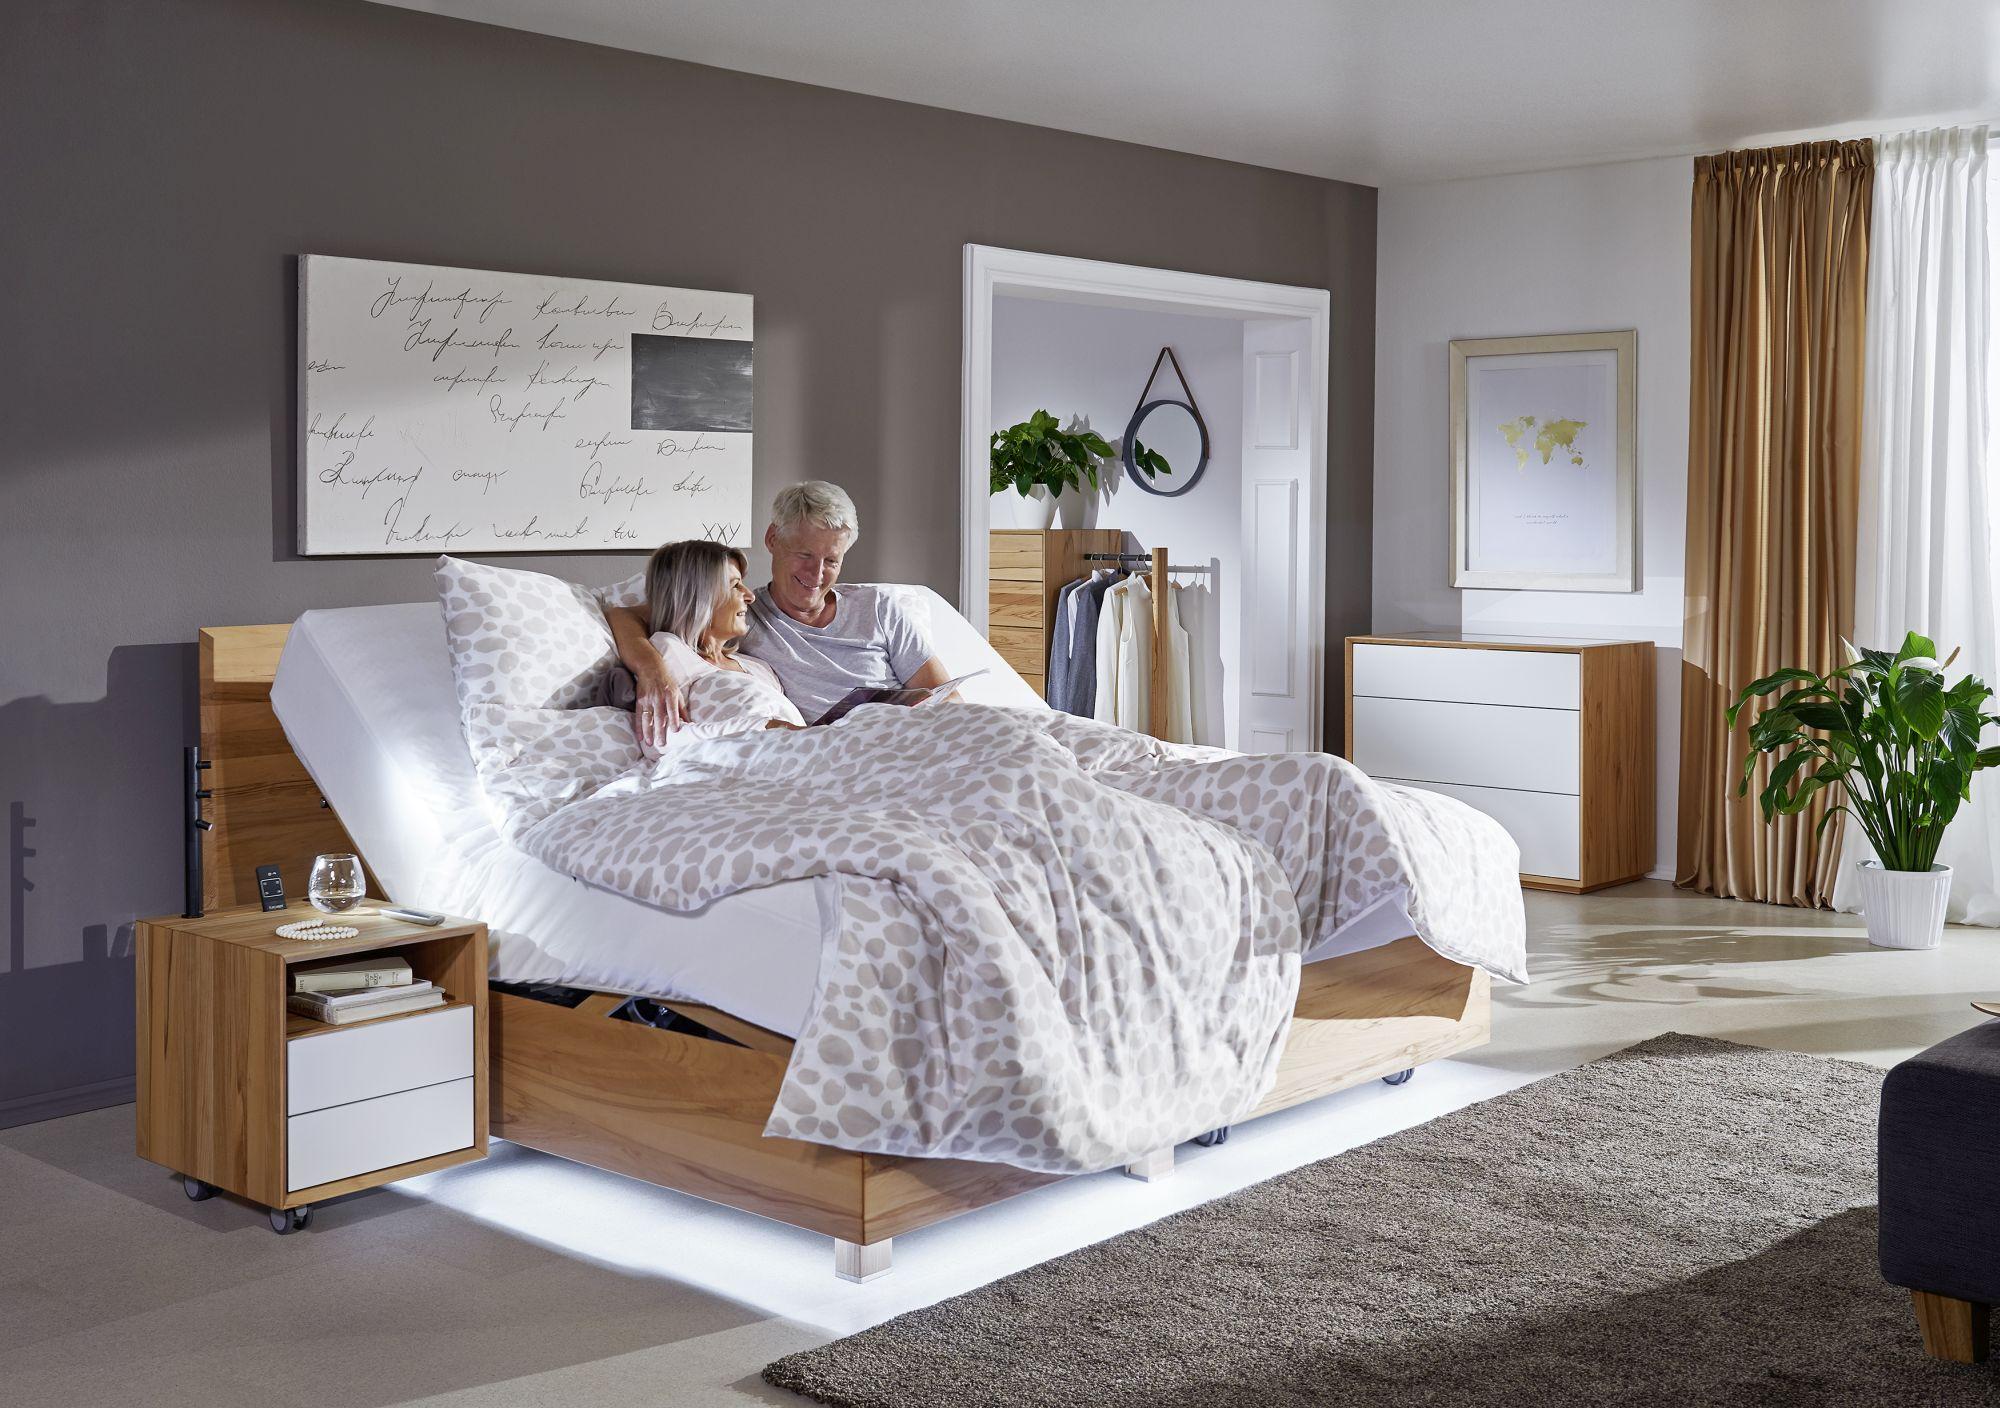 Komfortbett in der Traumwerkstatt Kirchner